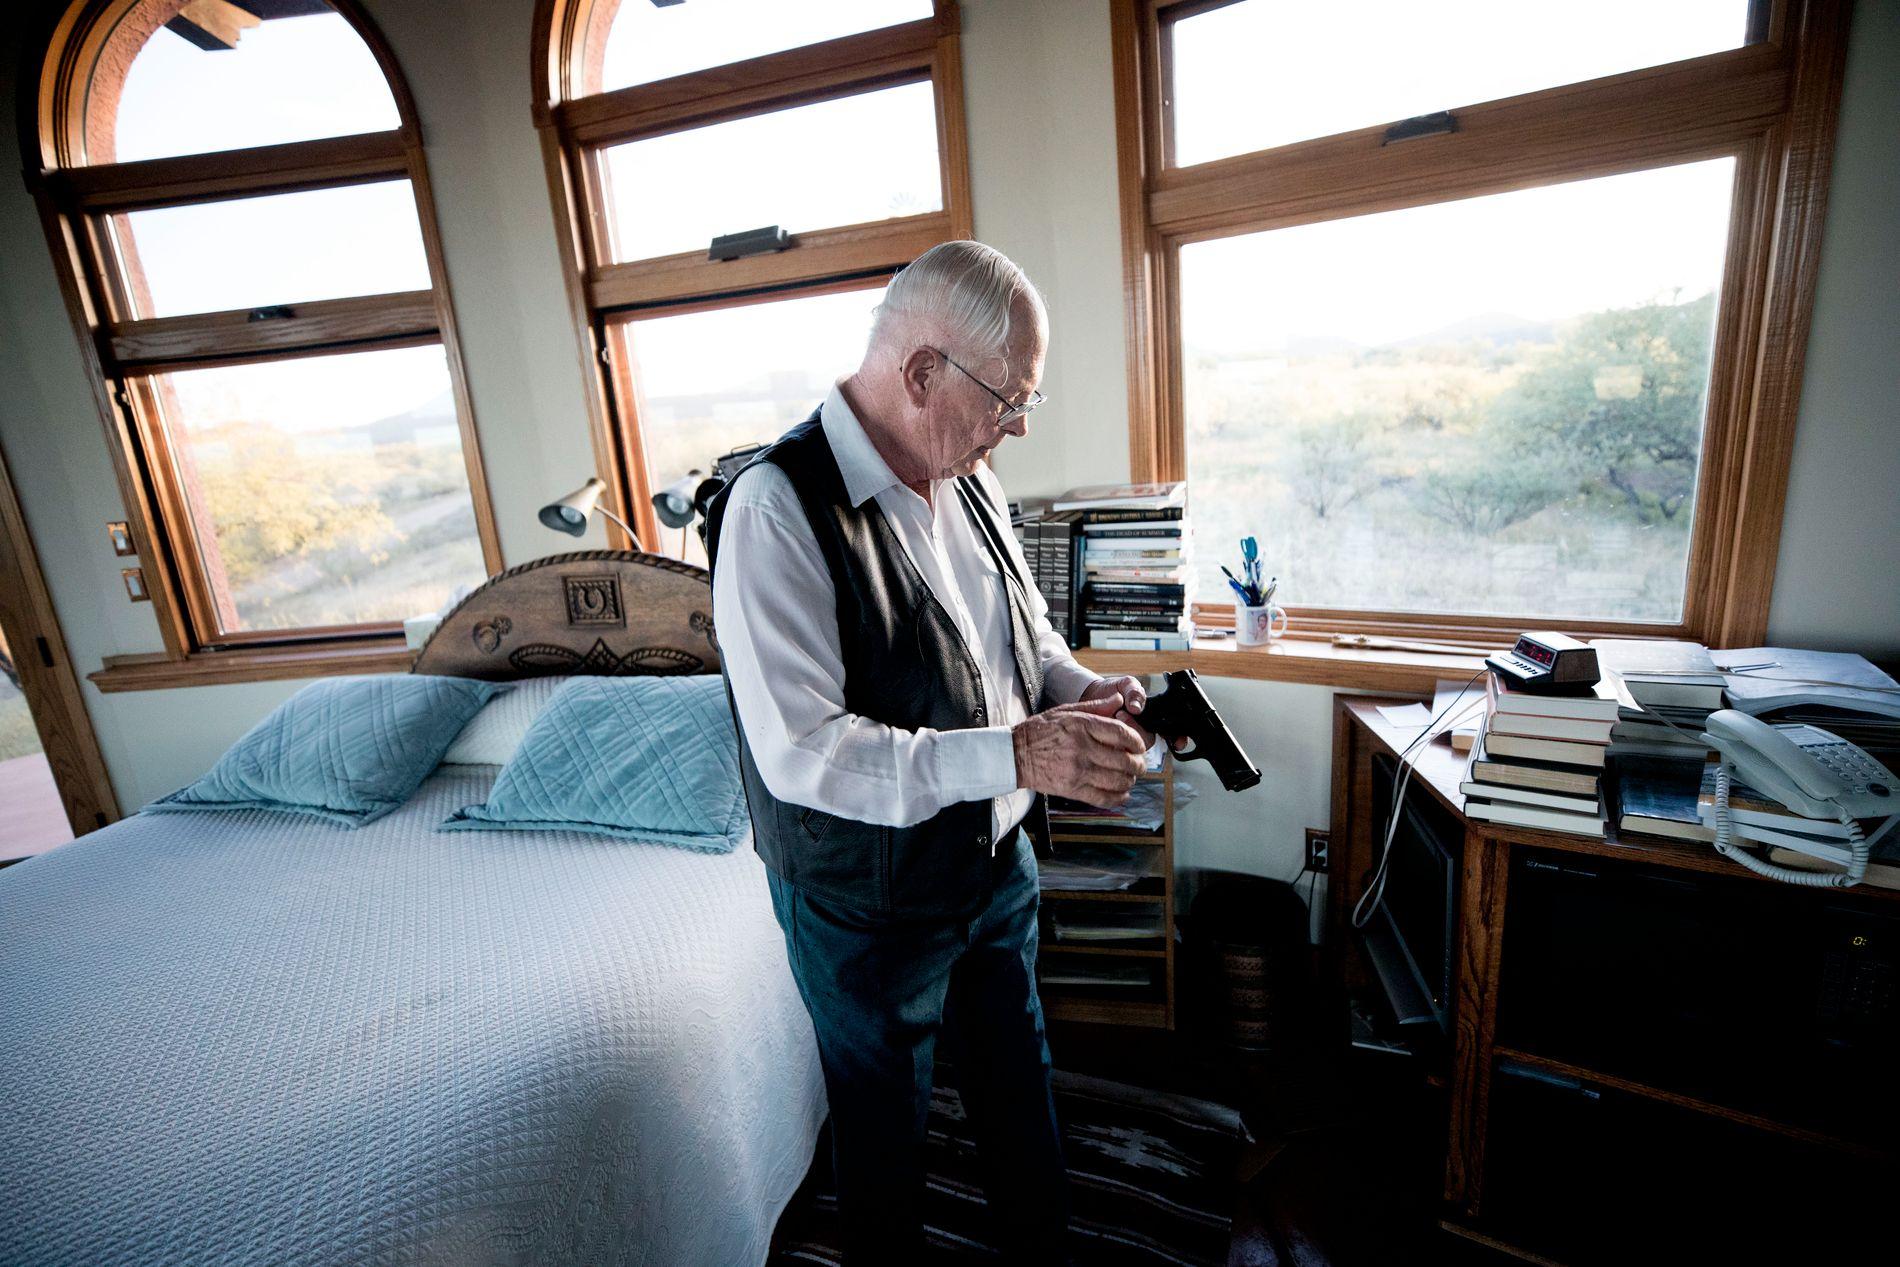 SOVER MED VÅPEN: Jim Chilton har alltid geværet og denne pistolen like ved sengen i det mektige soverommet han bygget i gave til sin kone. Det har 360 grader utsikt over ekteparets vakre ranch.